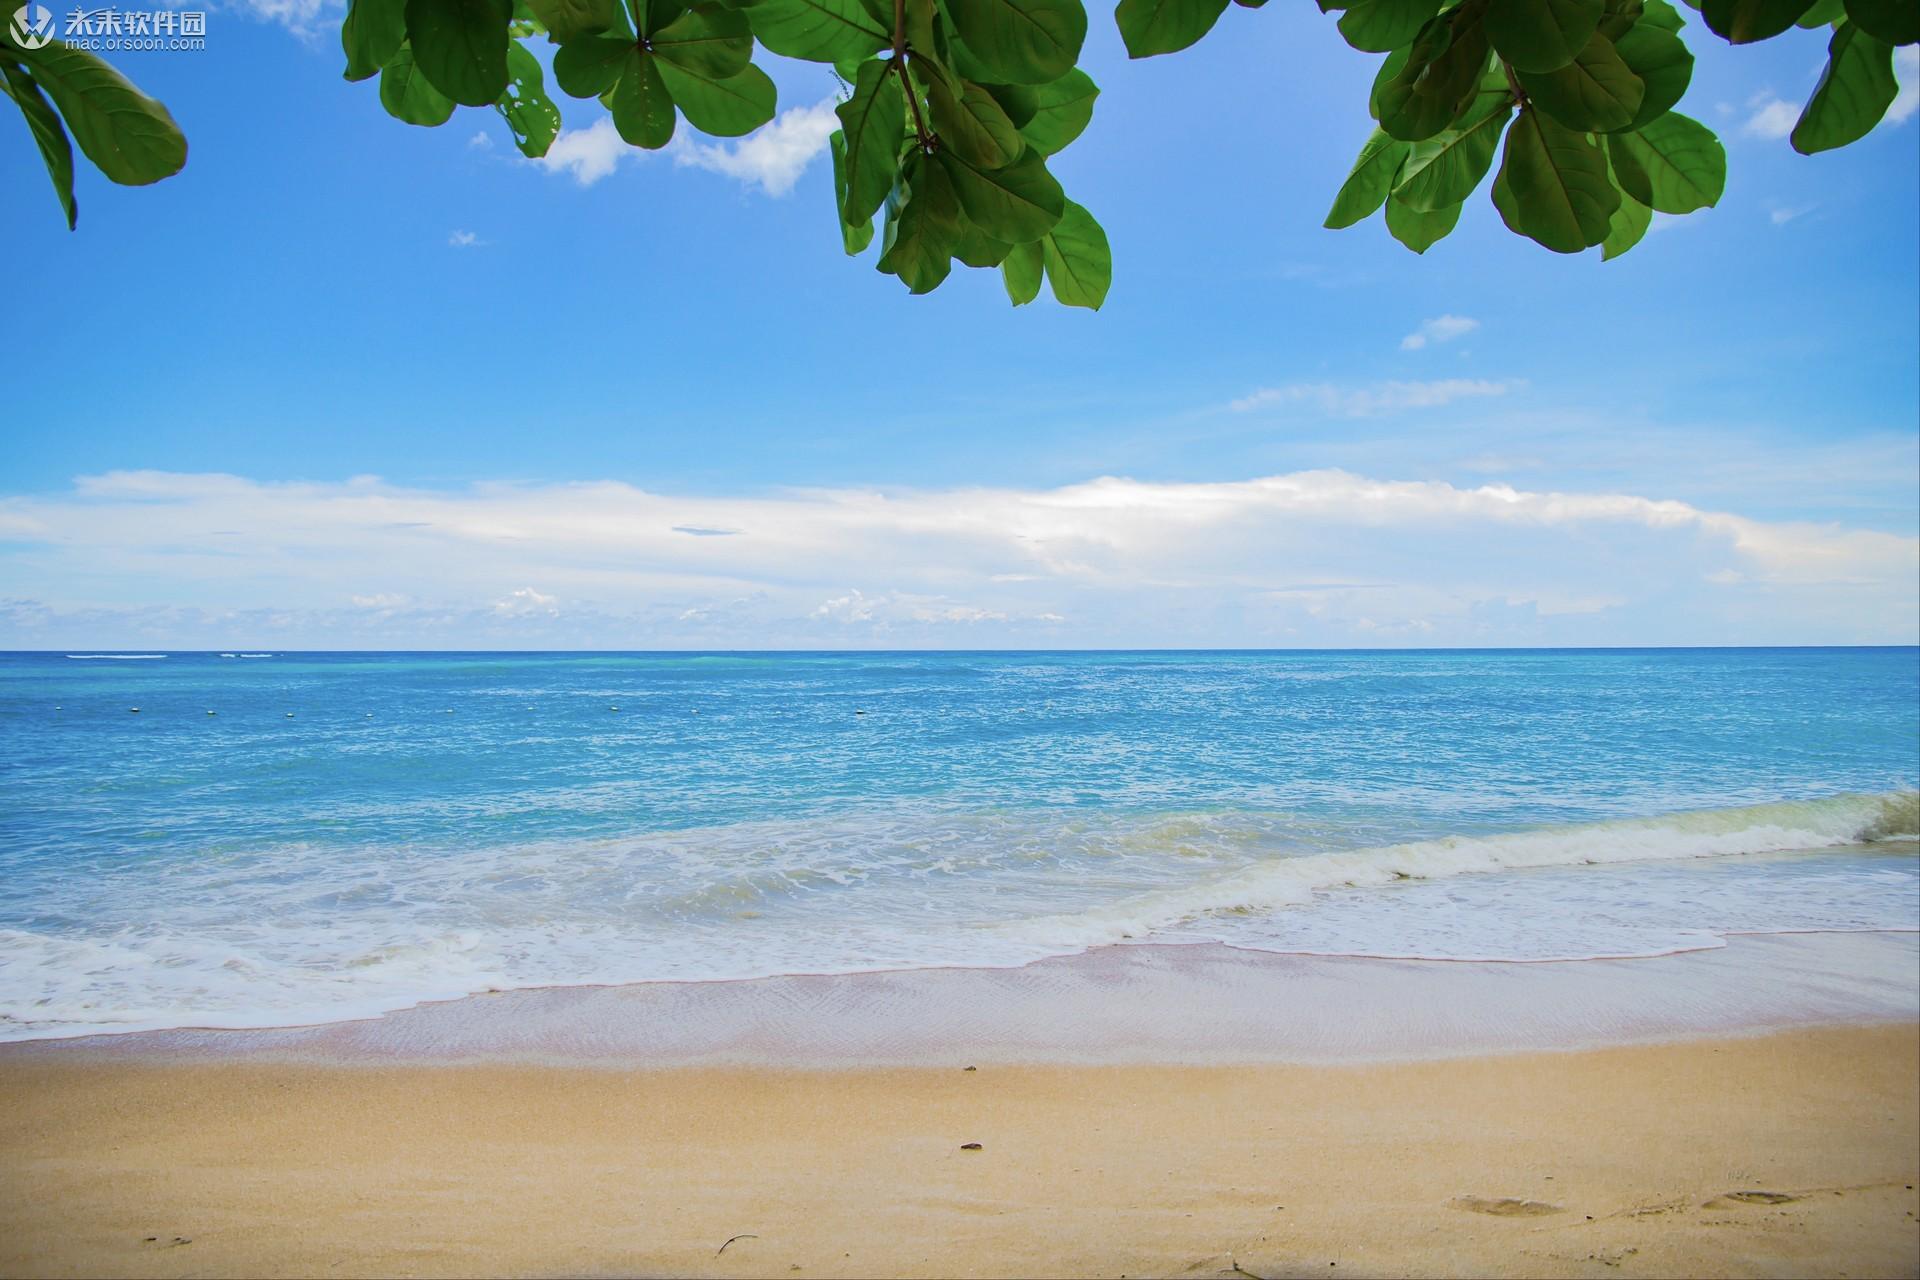 海滩风景高清桌面动态壁纸